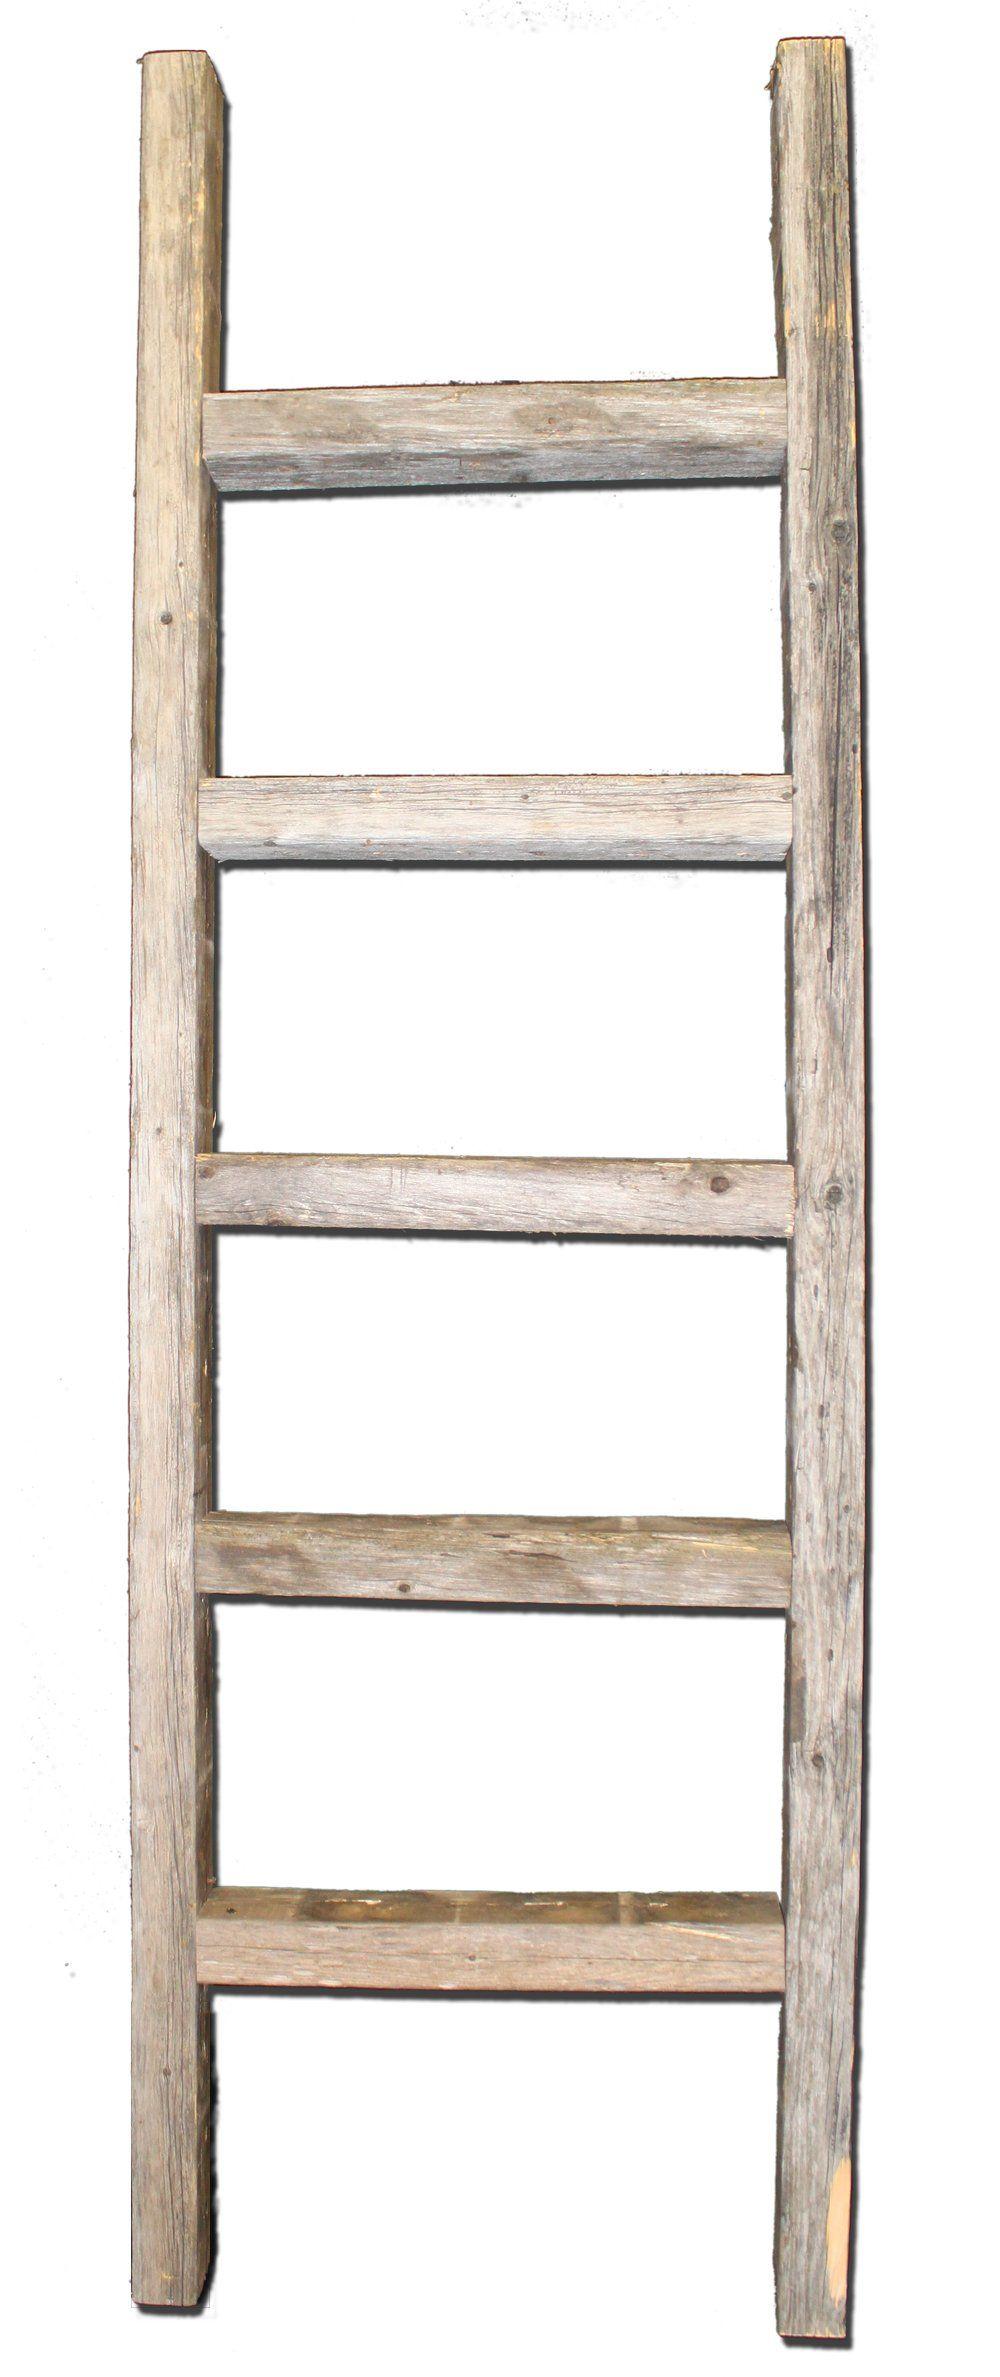 Decorative Ladder Reclaimed Old Wooden Ladder 4 Foot Rustic Barn Wood Old Wooden Ladders Old Wood Ladder Ladder Decor